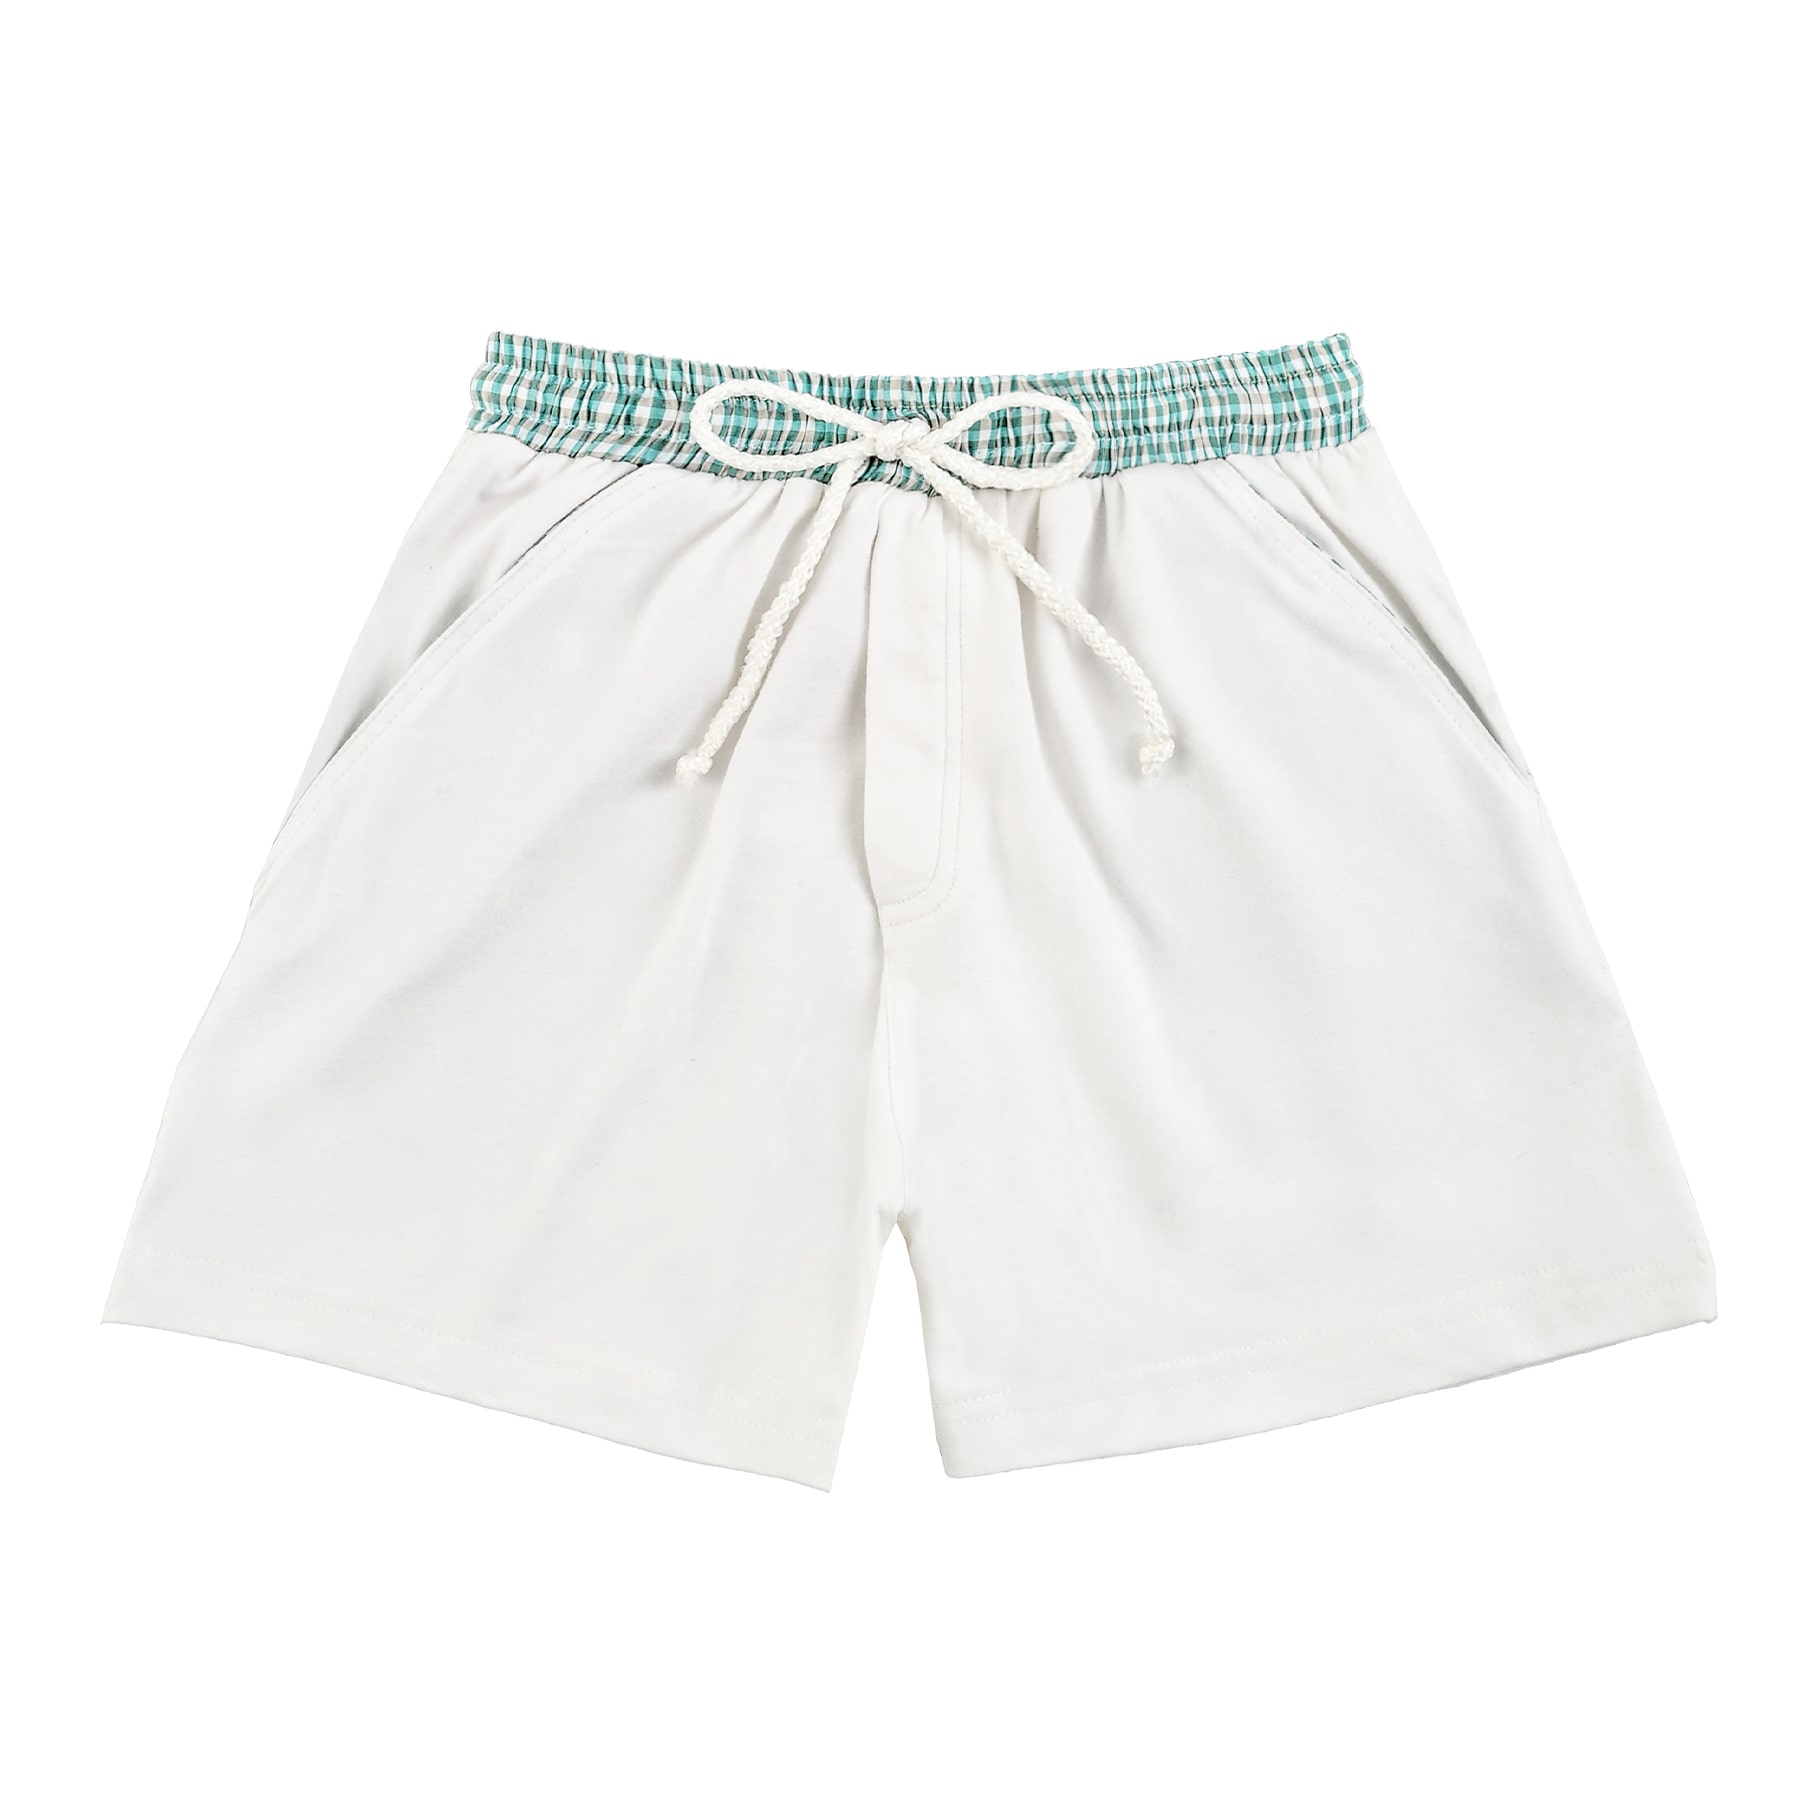 Short de bain blanc avec taille élastique et poche en coton vichy bleu pour garçons de 2 à 14 ans